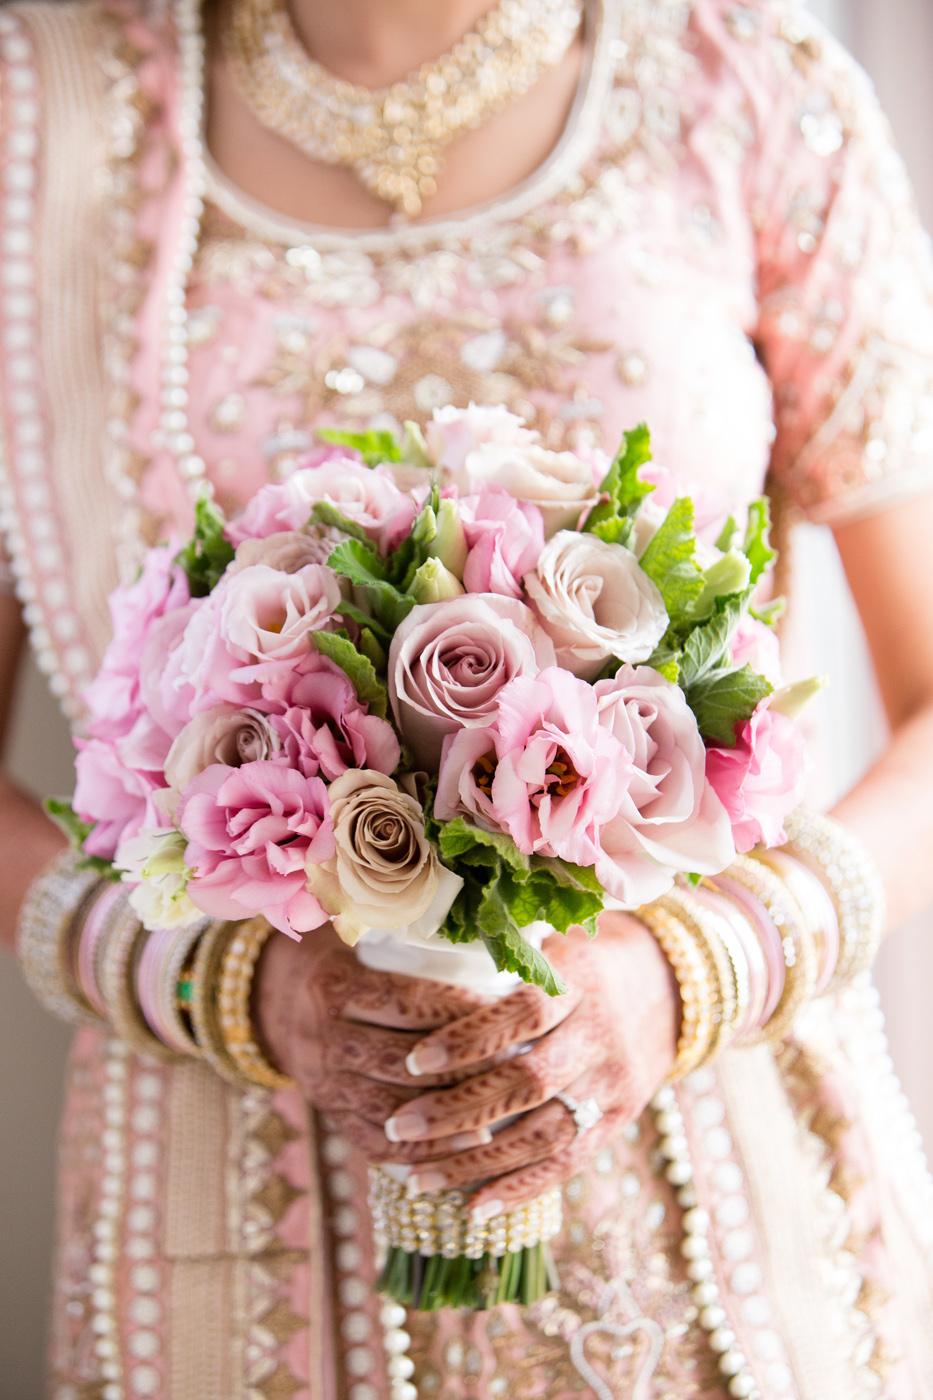 072_DukePhotography_DukeImages_Wedding_Details.jpg